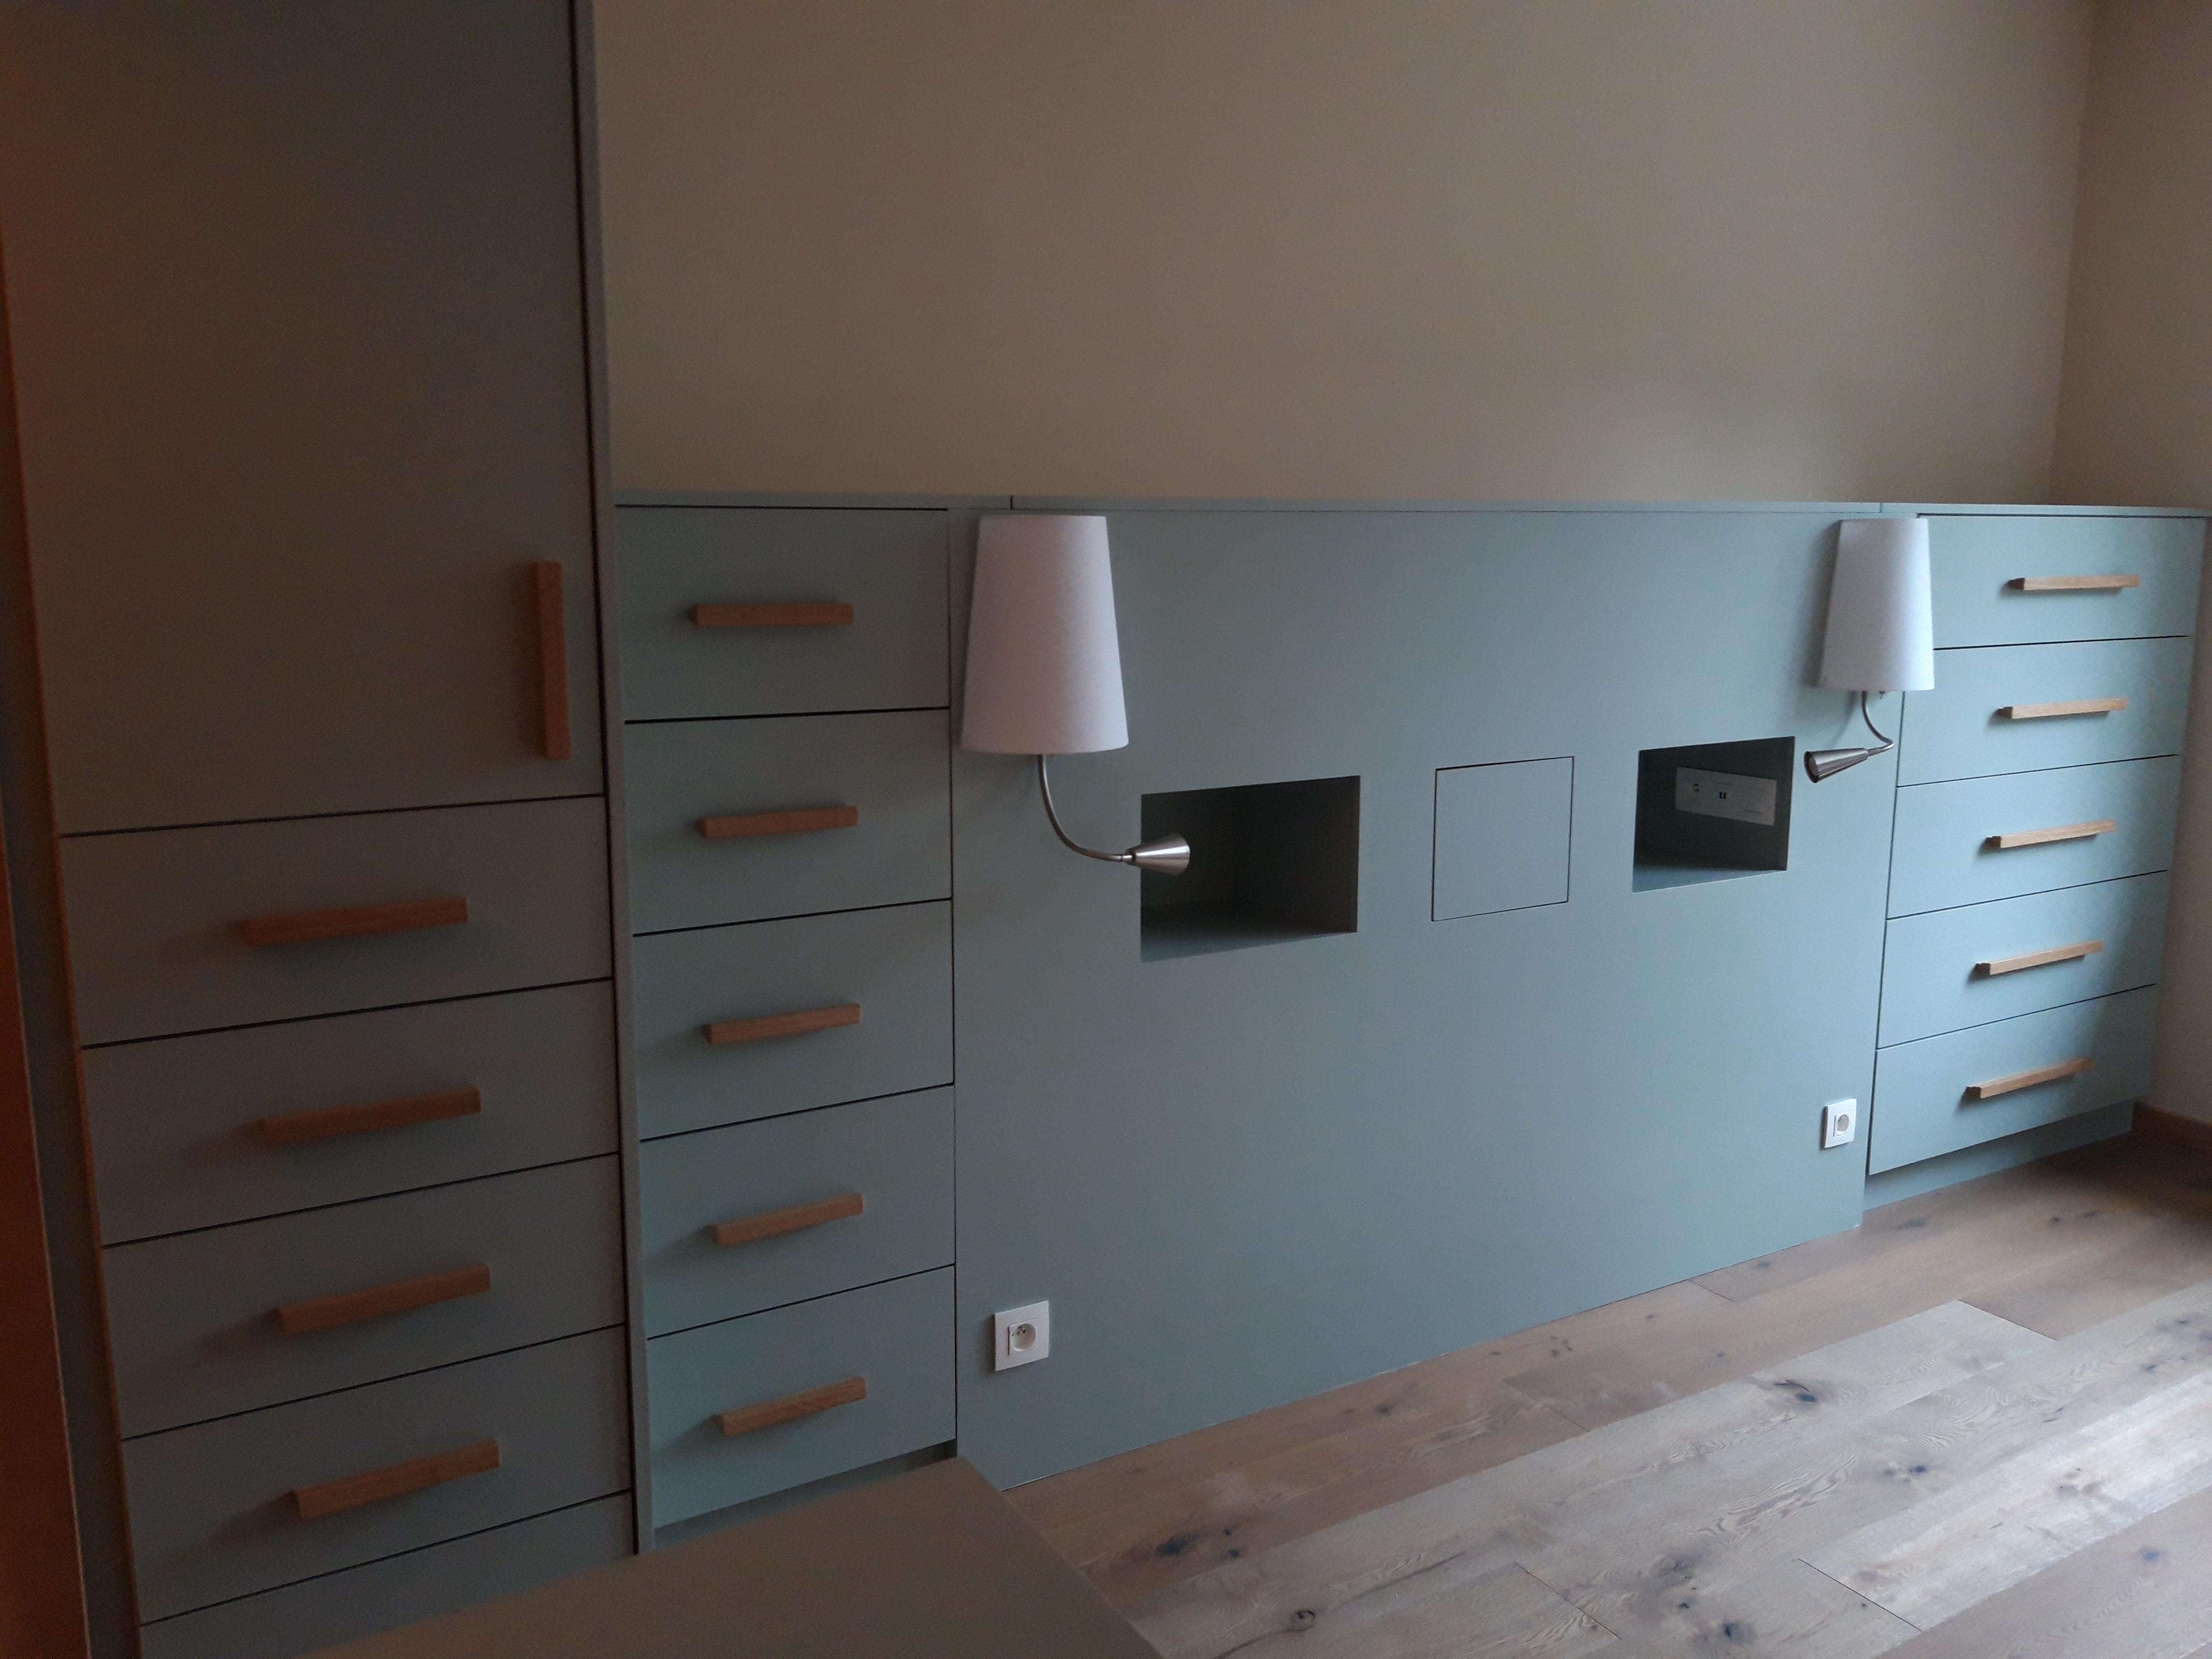 meubles-tetes-de-lit-1